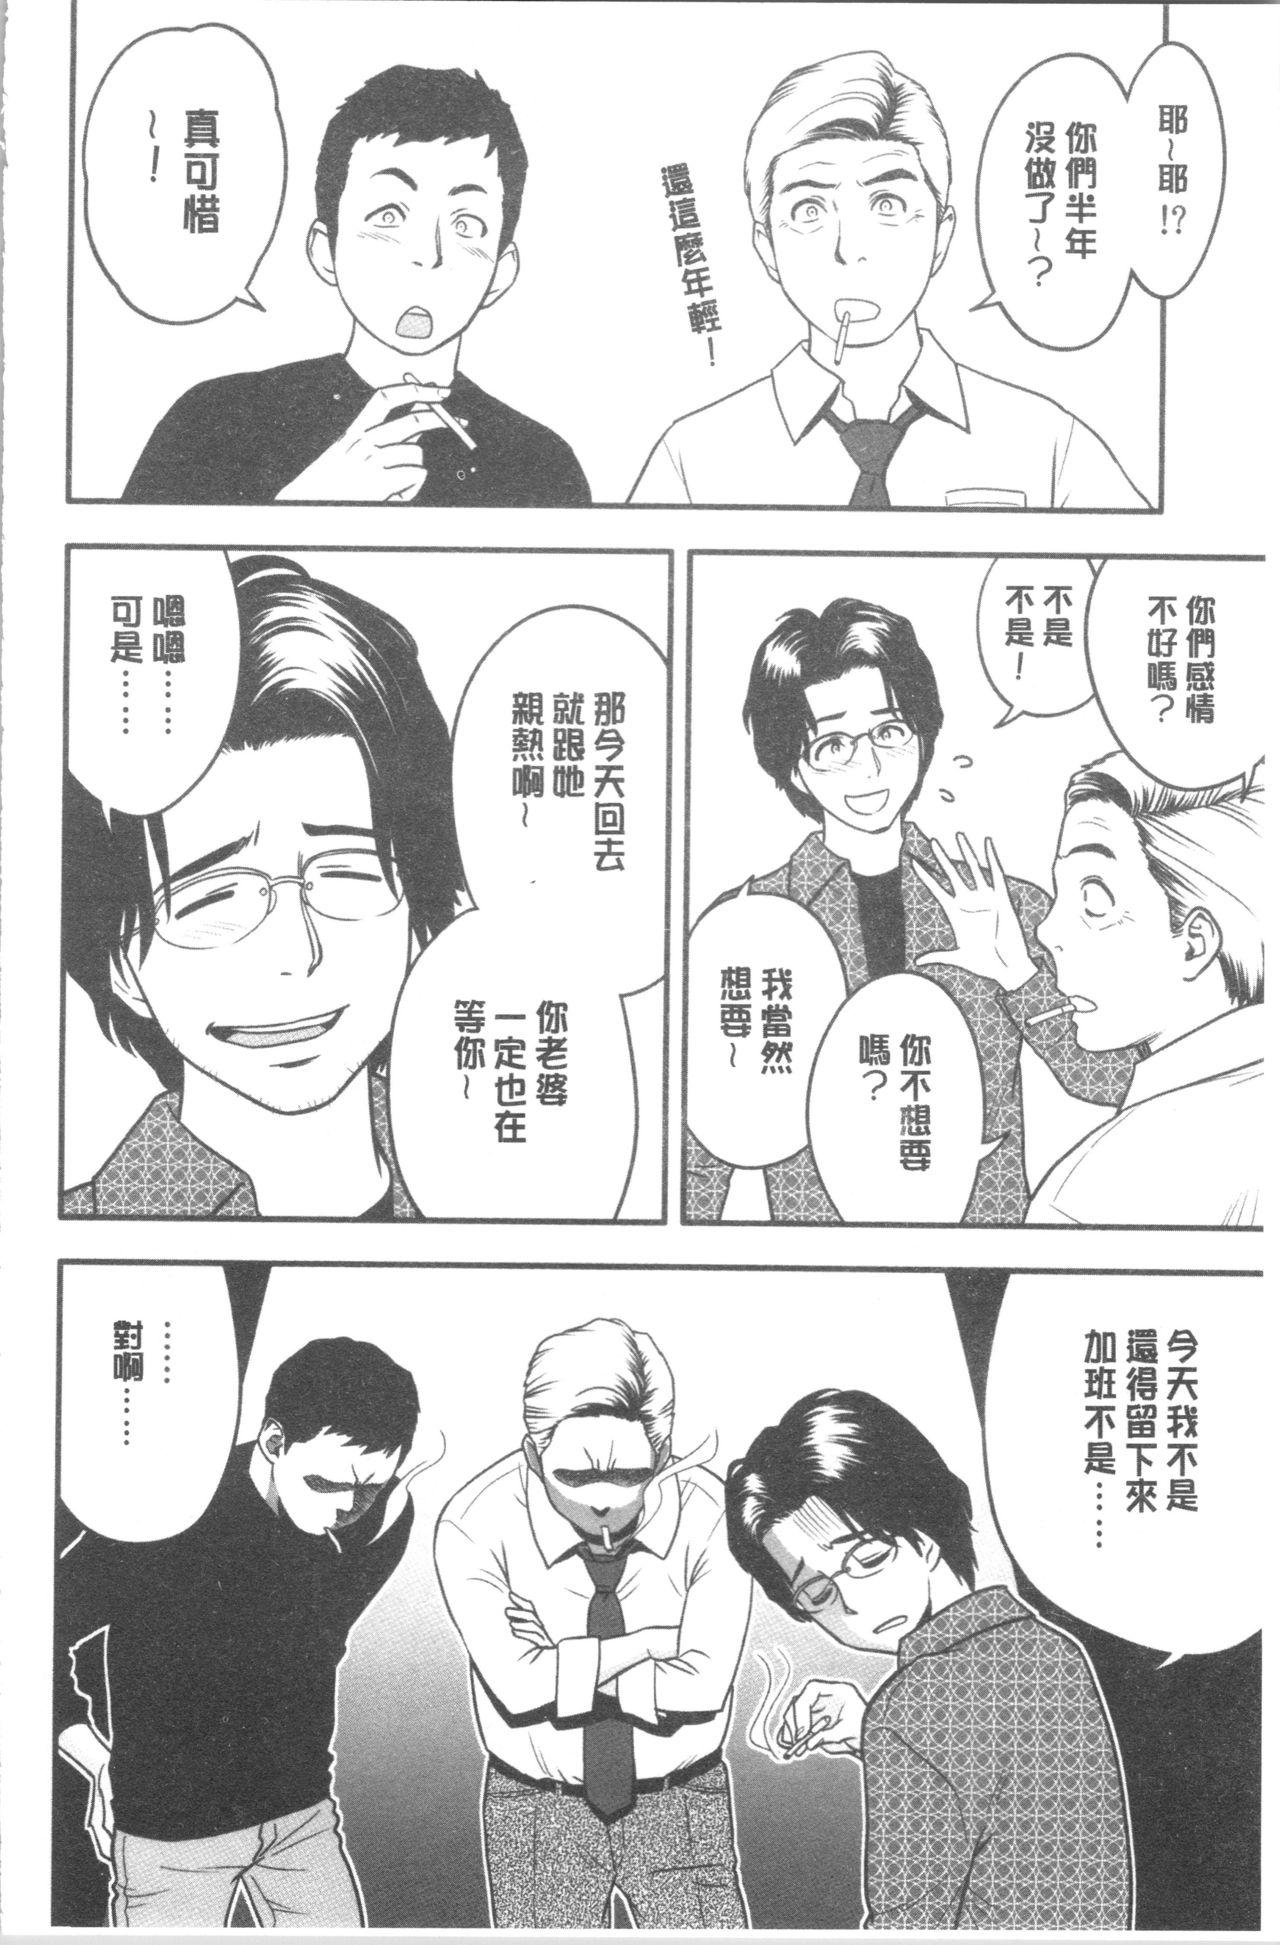 [Tatsunami Youtoku] Dankon Sousai -Hitozuma Kyoushi ga Netorareru made no Kiroku- | 男根想妻 -人妻女教師被寢取偷吃為止的記錄- [Chinese] 32